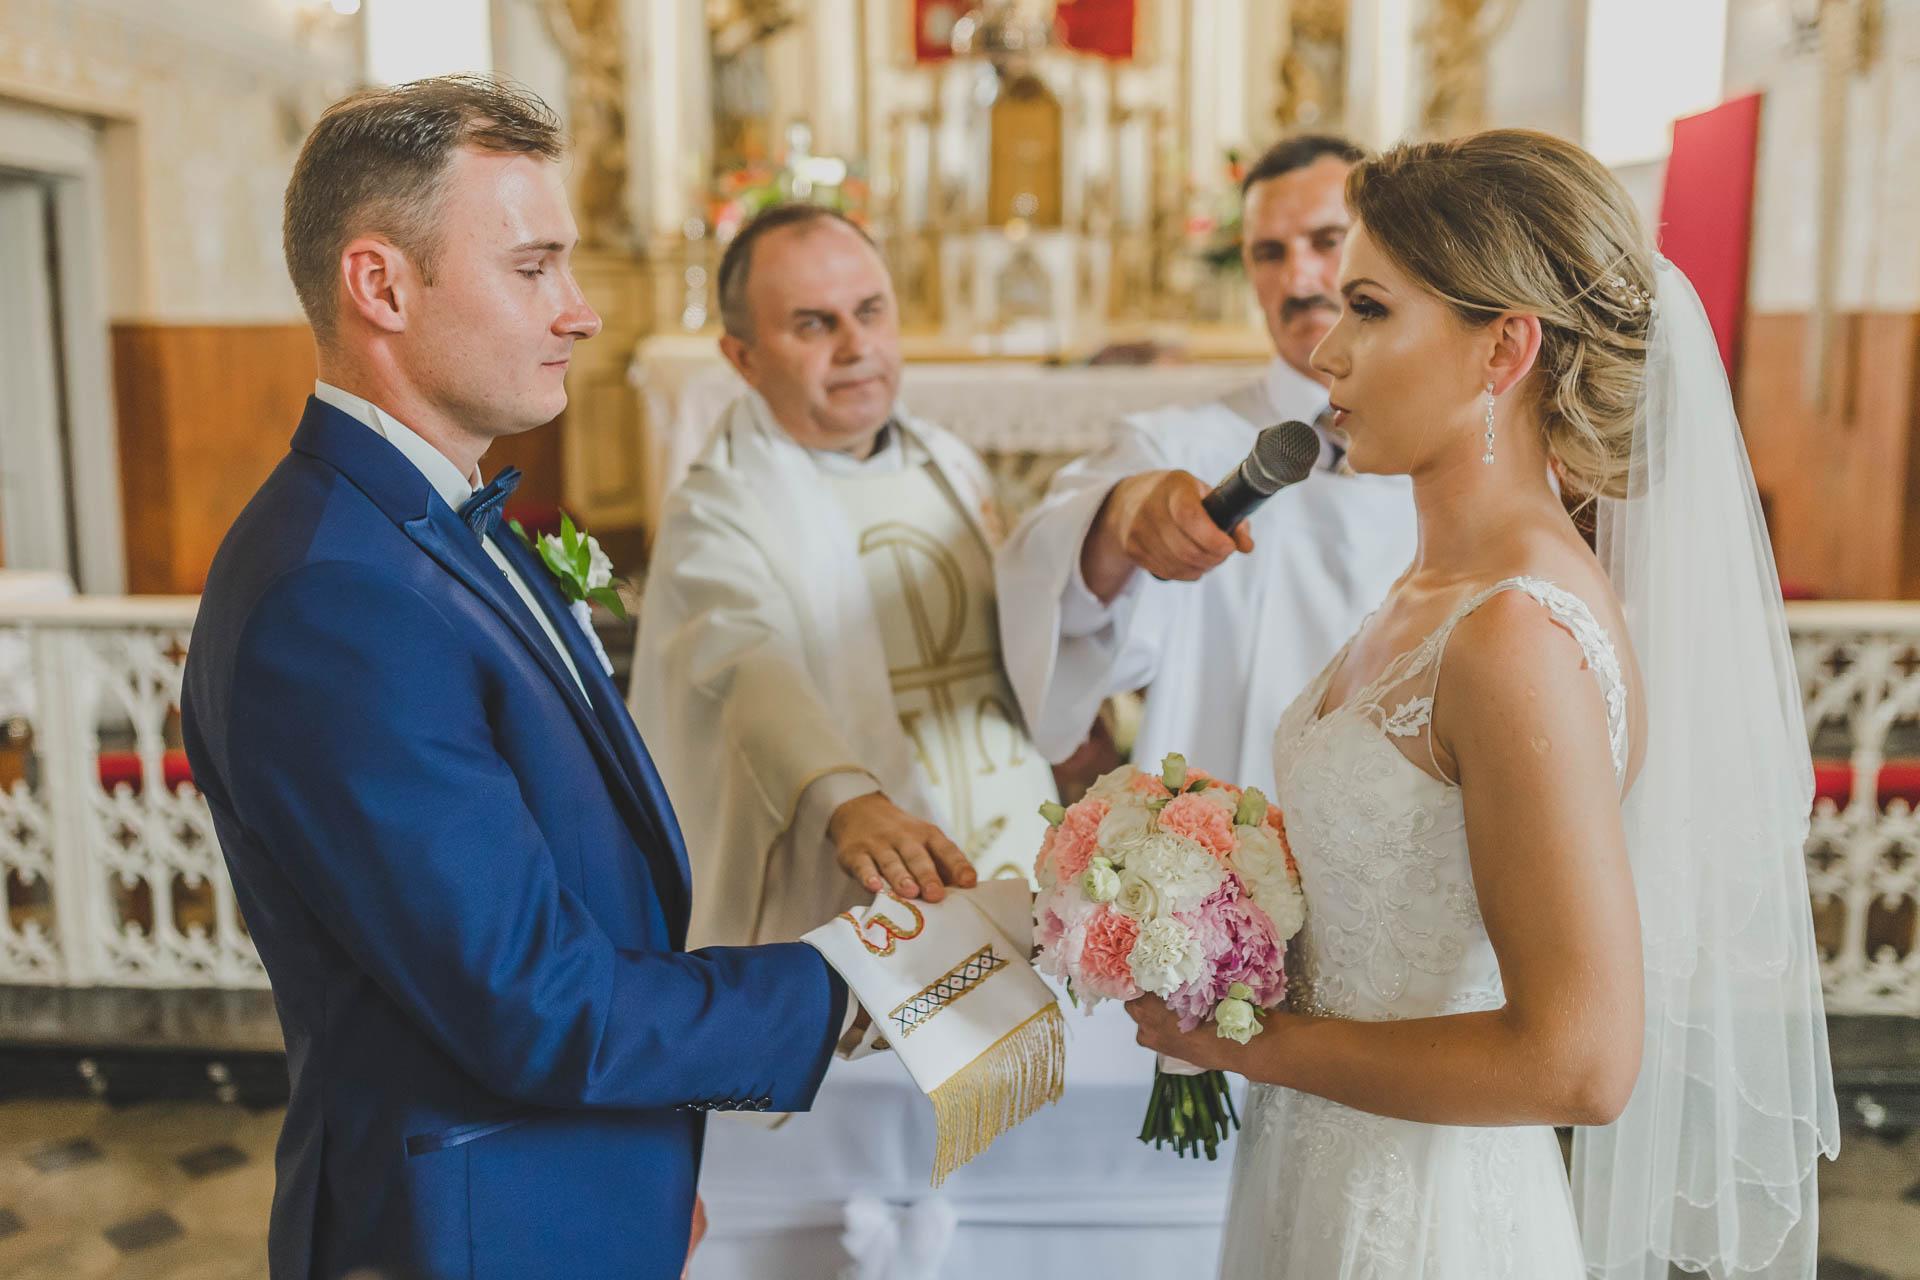 Przysięga małżeńska pani młodej